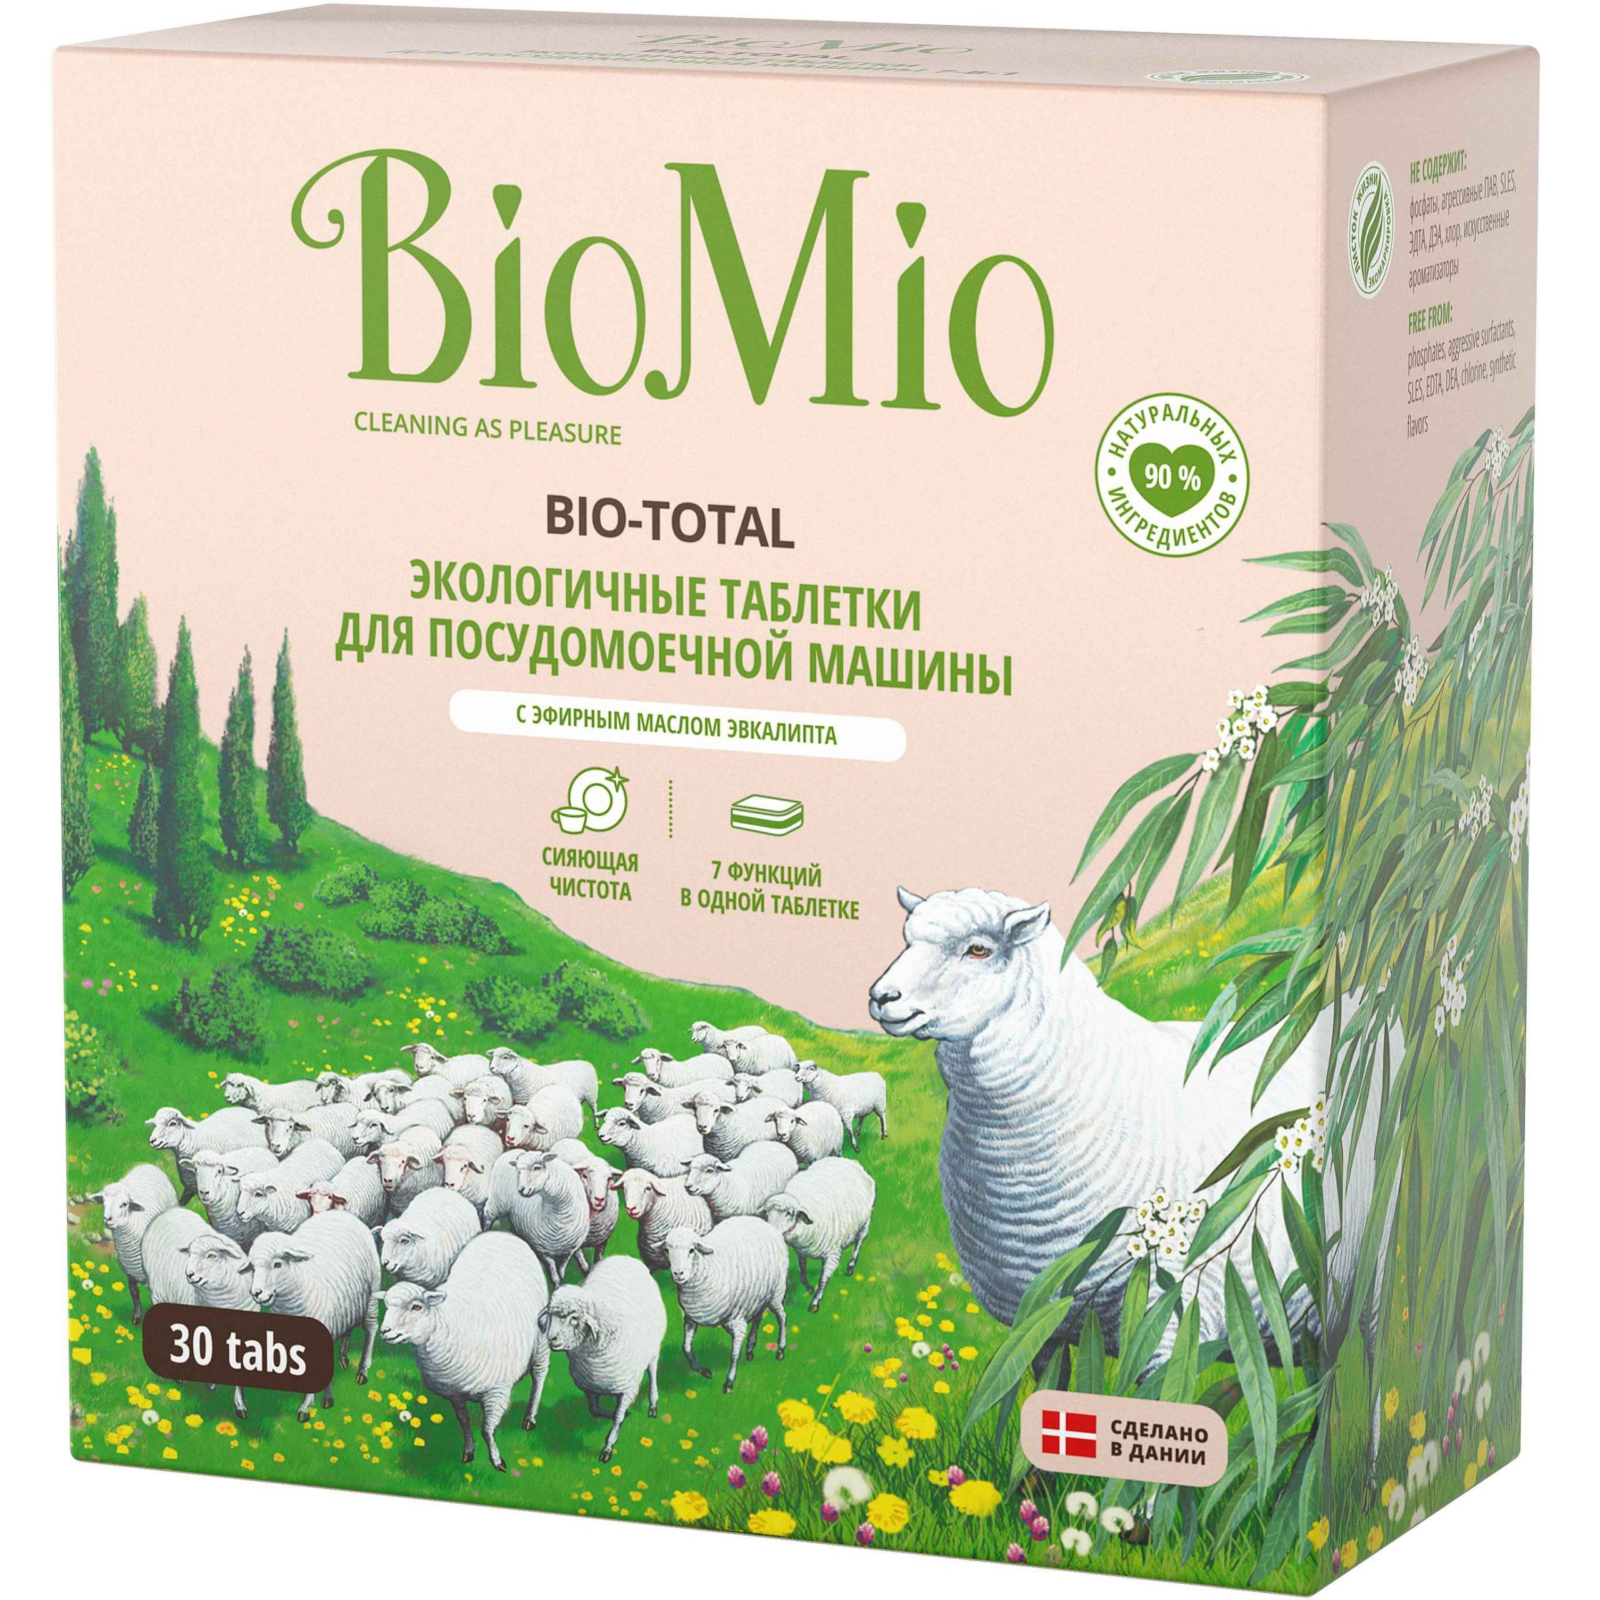 BioMio Таблетки для посудомоечной машины с эфирным маслом Эвкалипта, 30 шт (BioMio, Посуда)